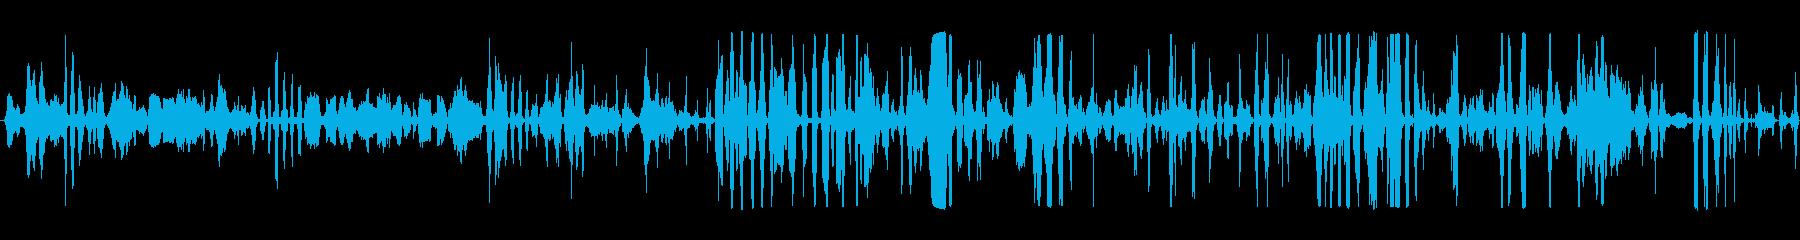 群集 群衆ハッピーワラ02の再生済みの波形